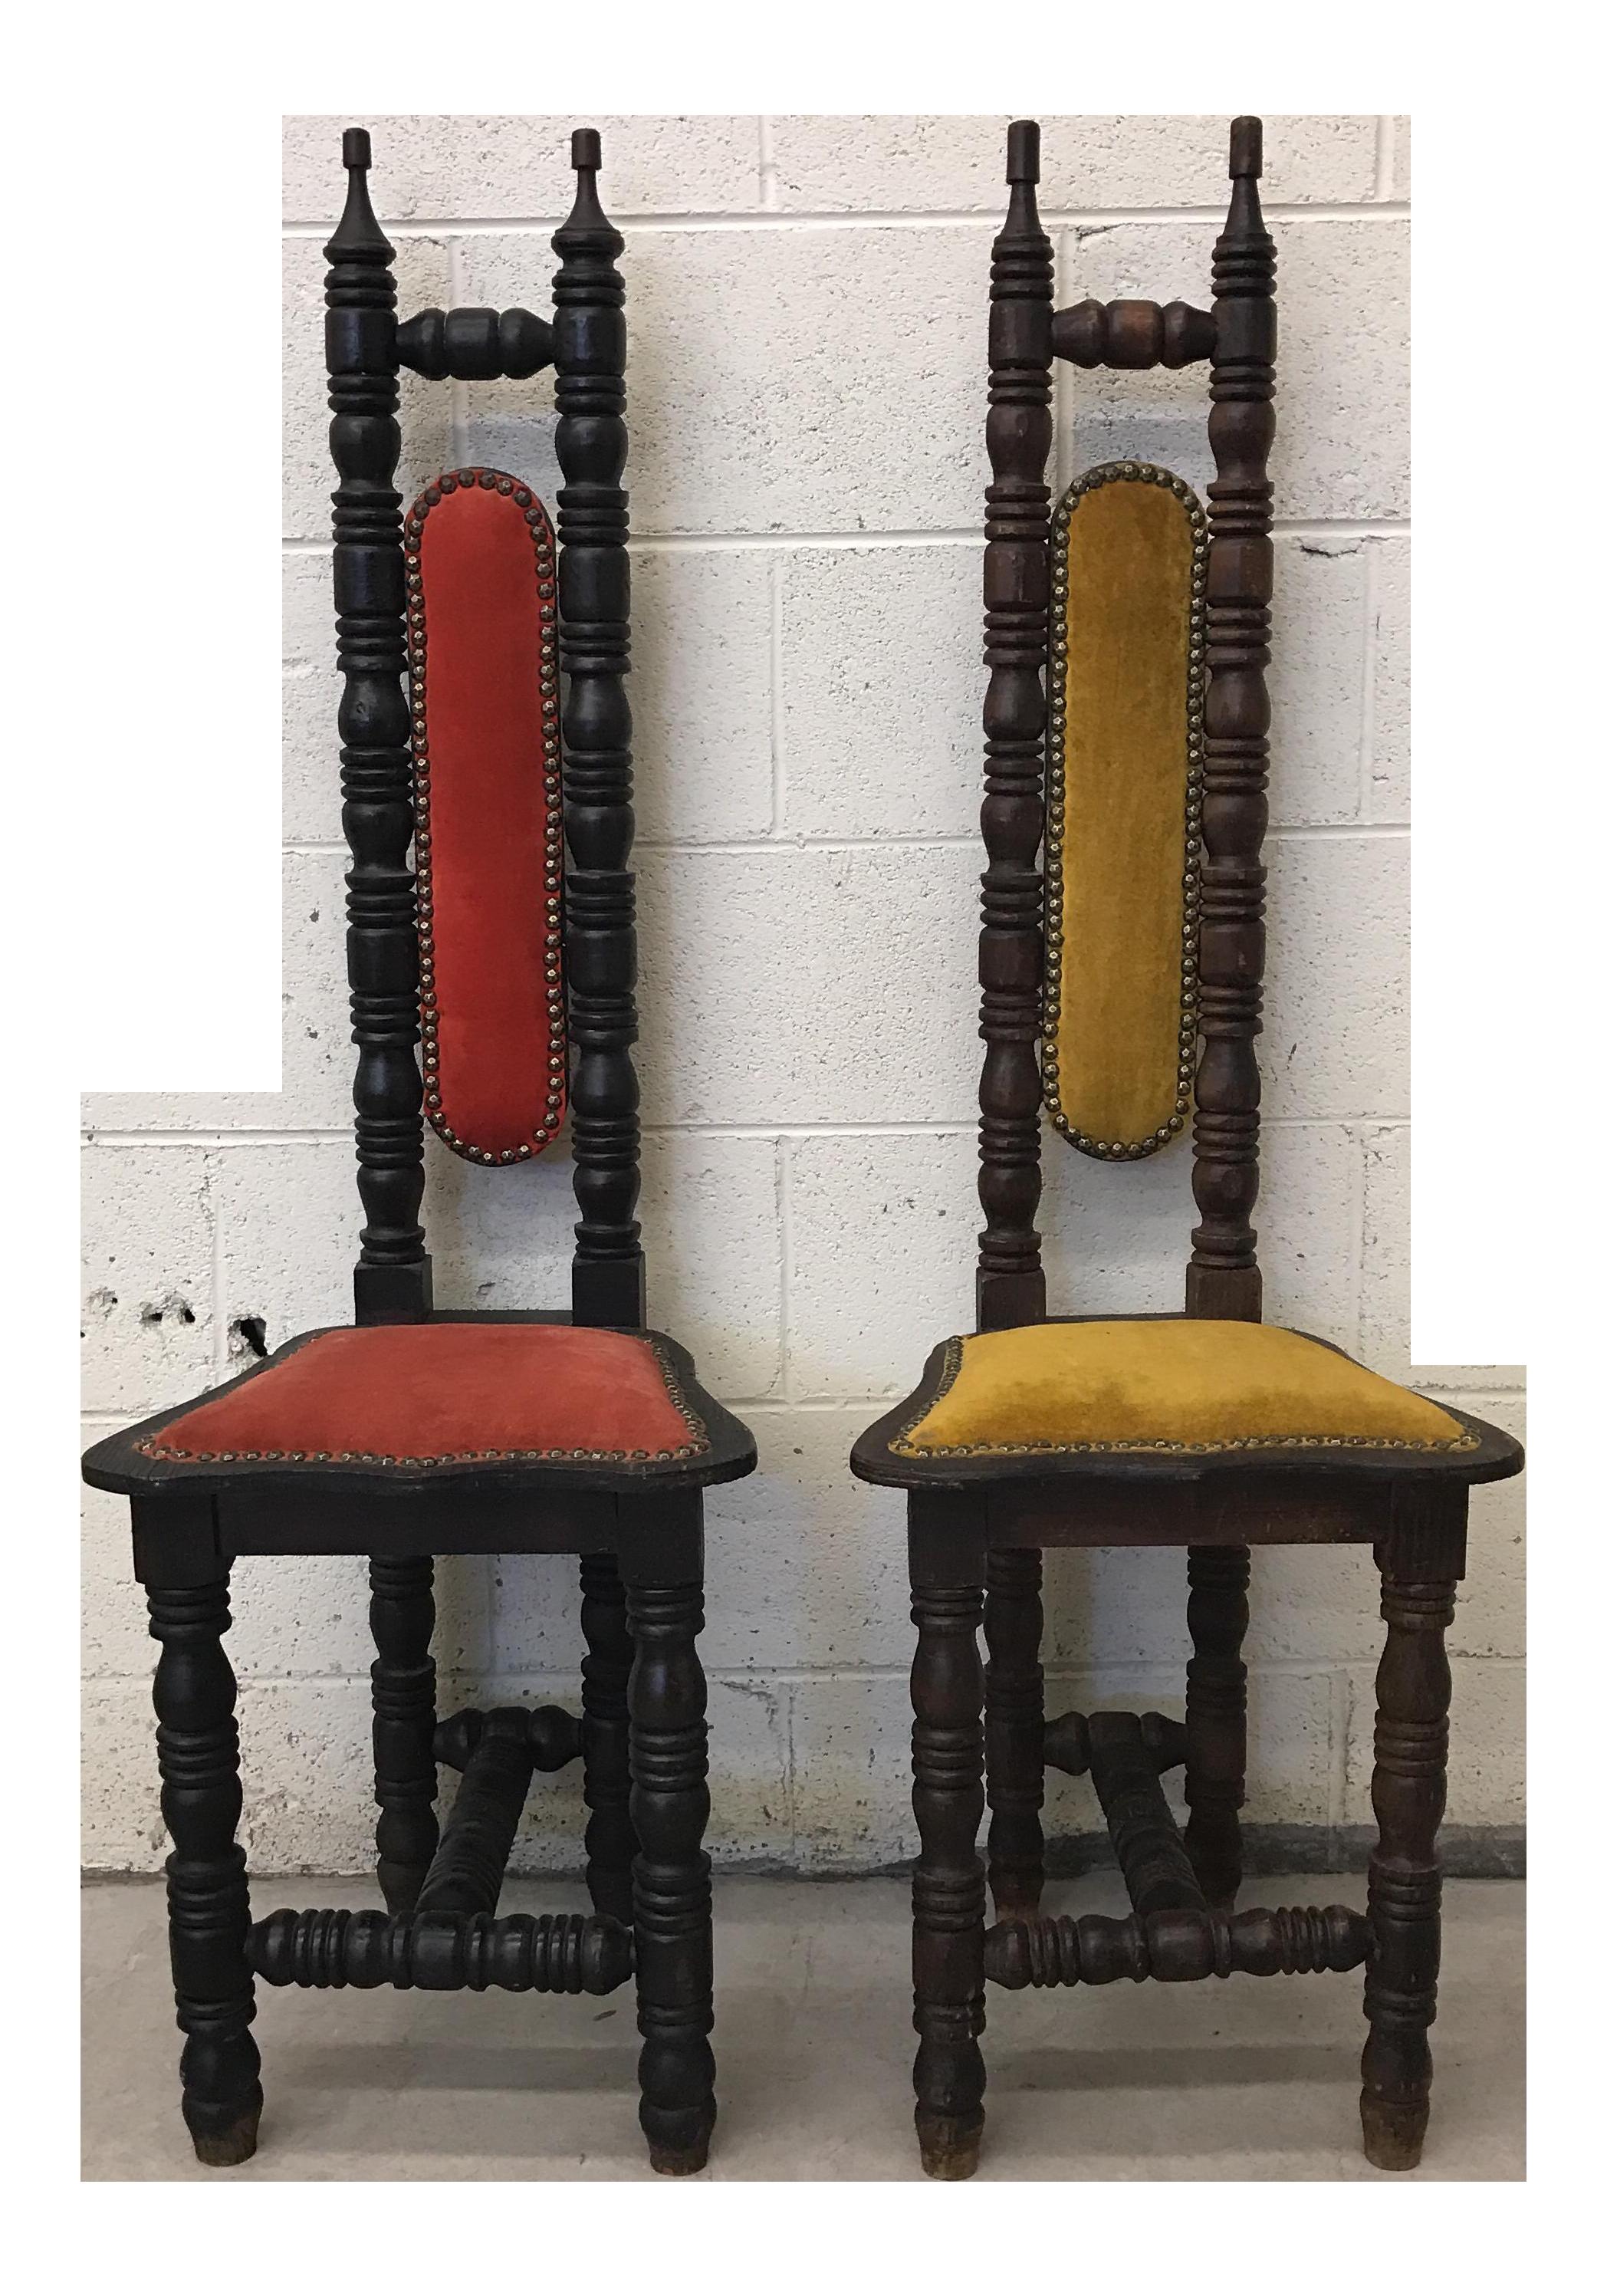 Spanish Mediterranean Wood Throne Chairs   A Pair